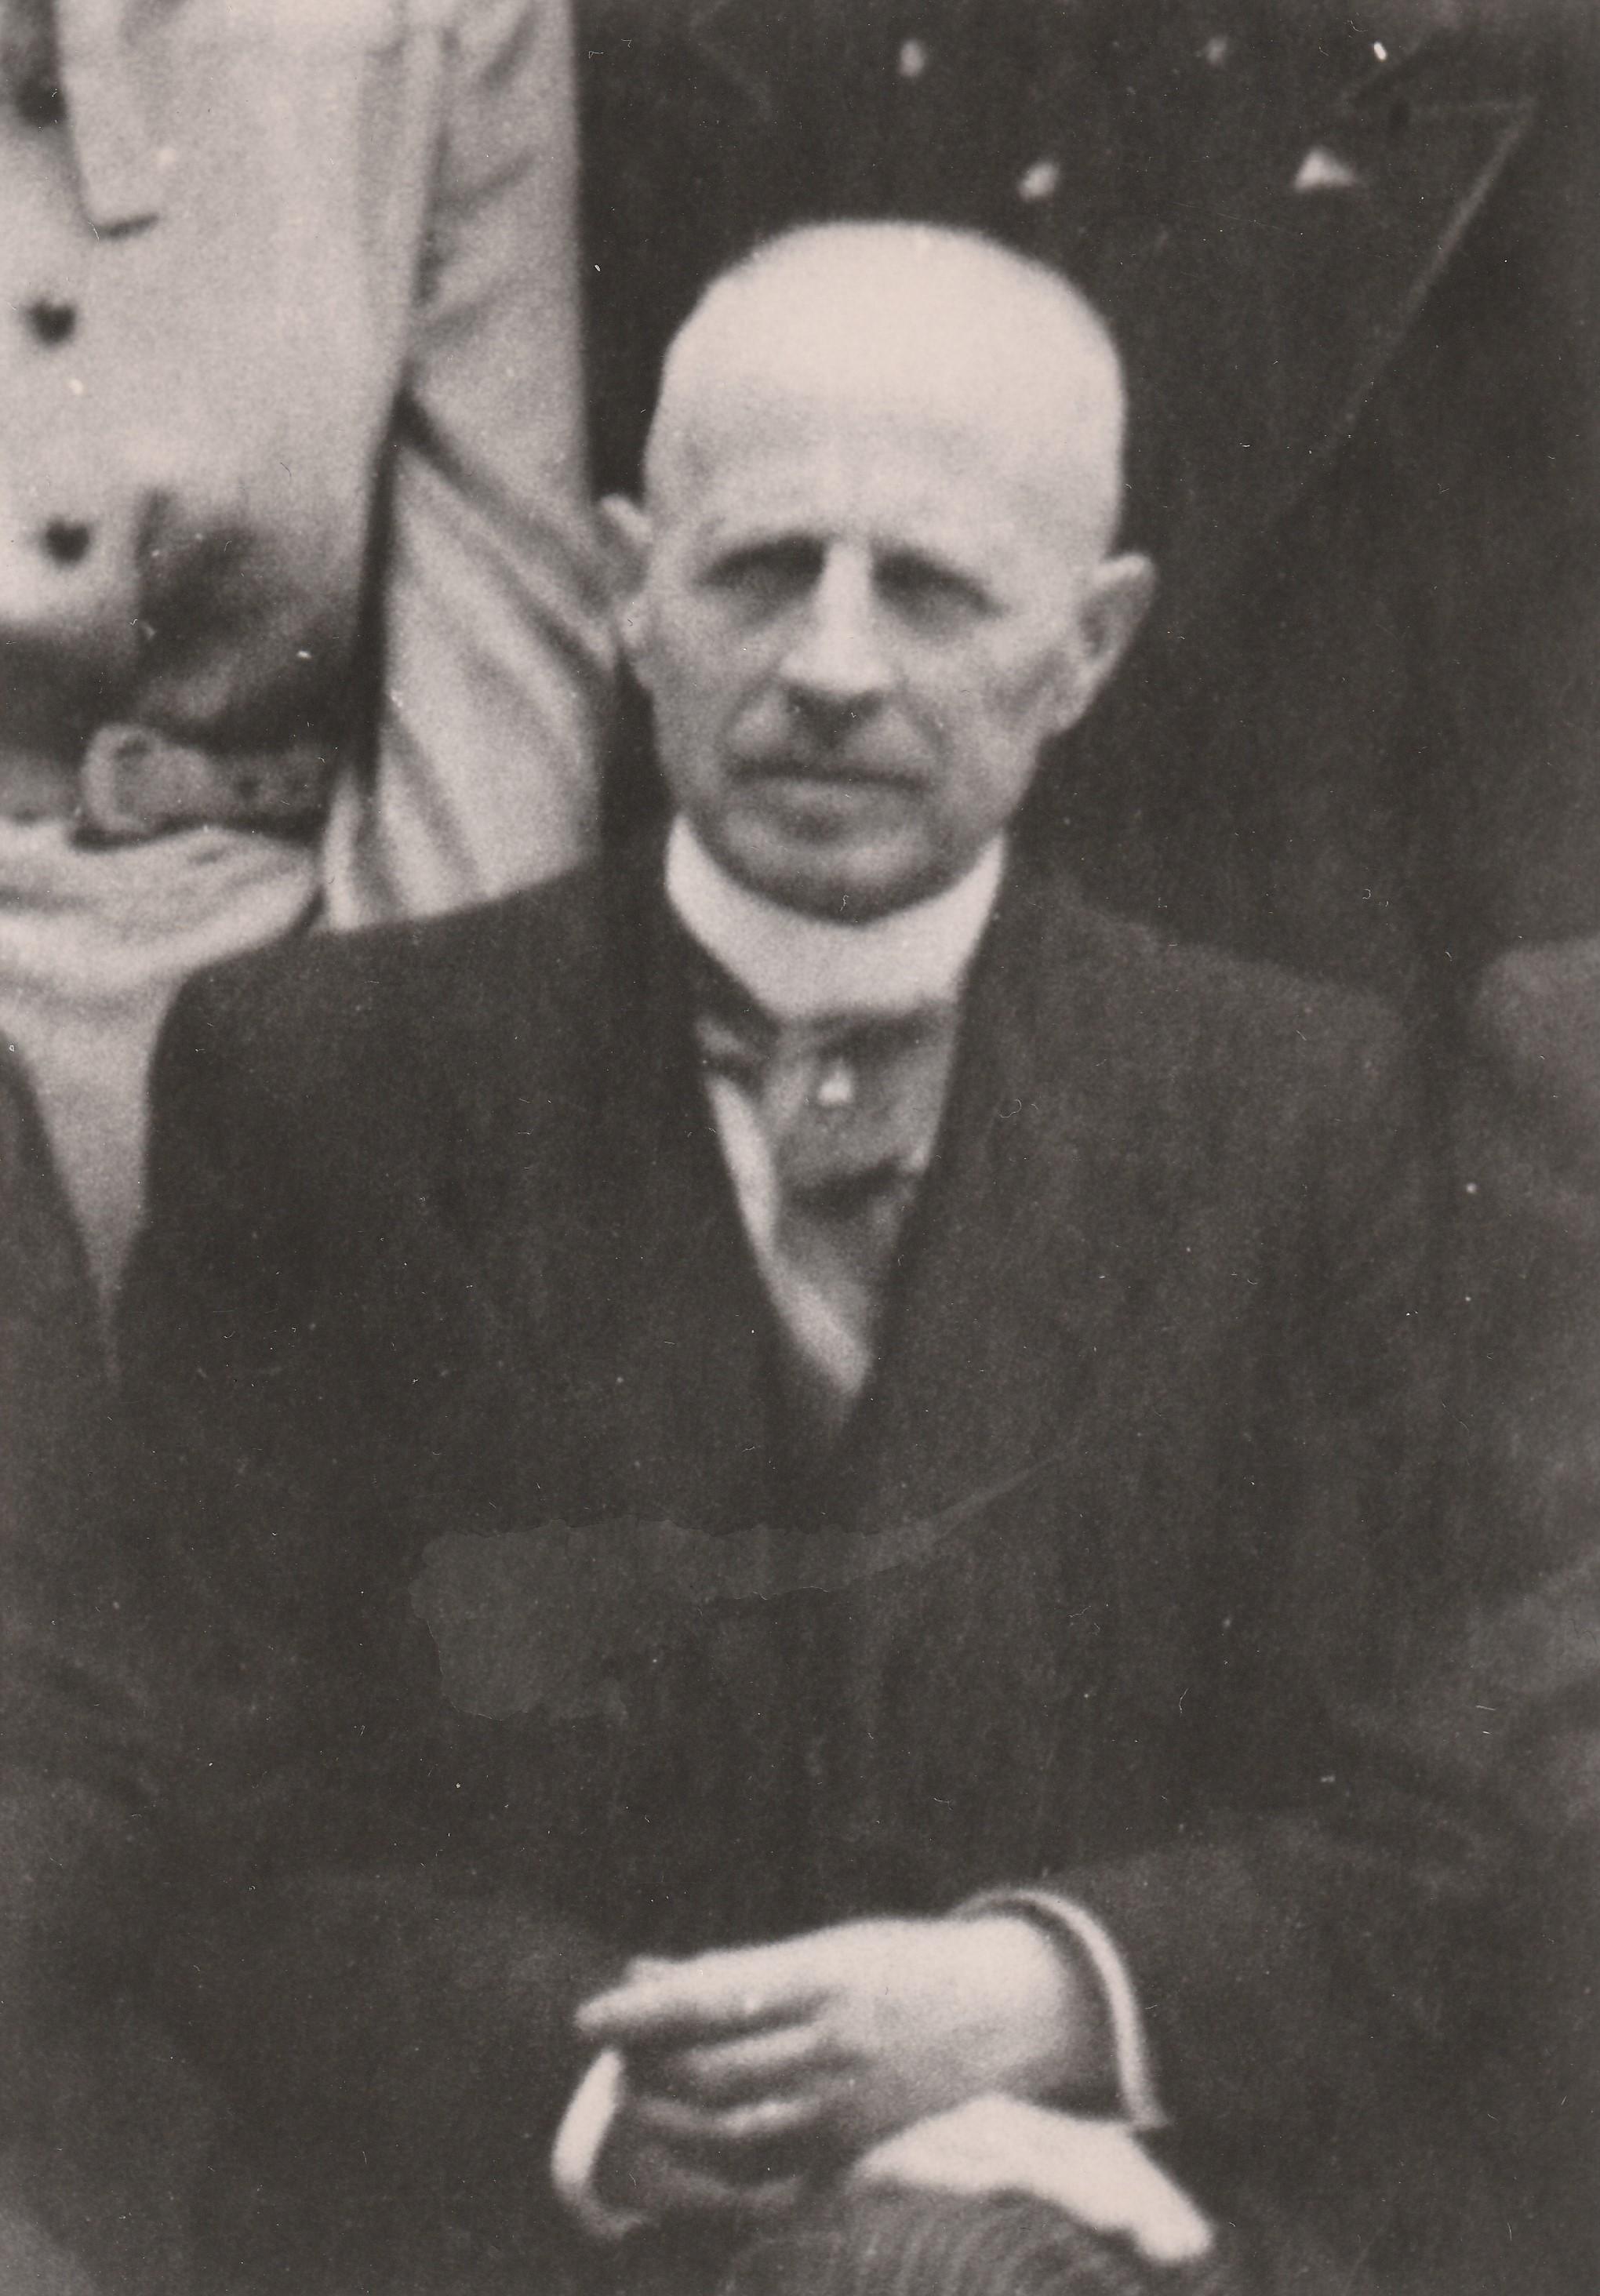 Mijn grote held: Johannes Bauwens, rector in oorlogstijd